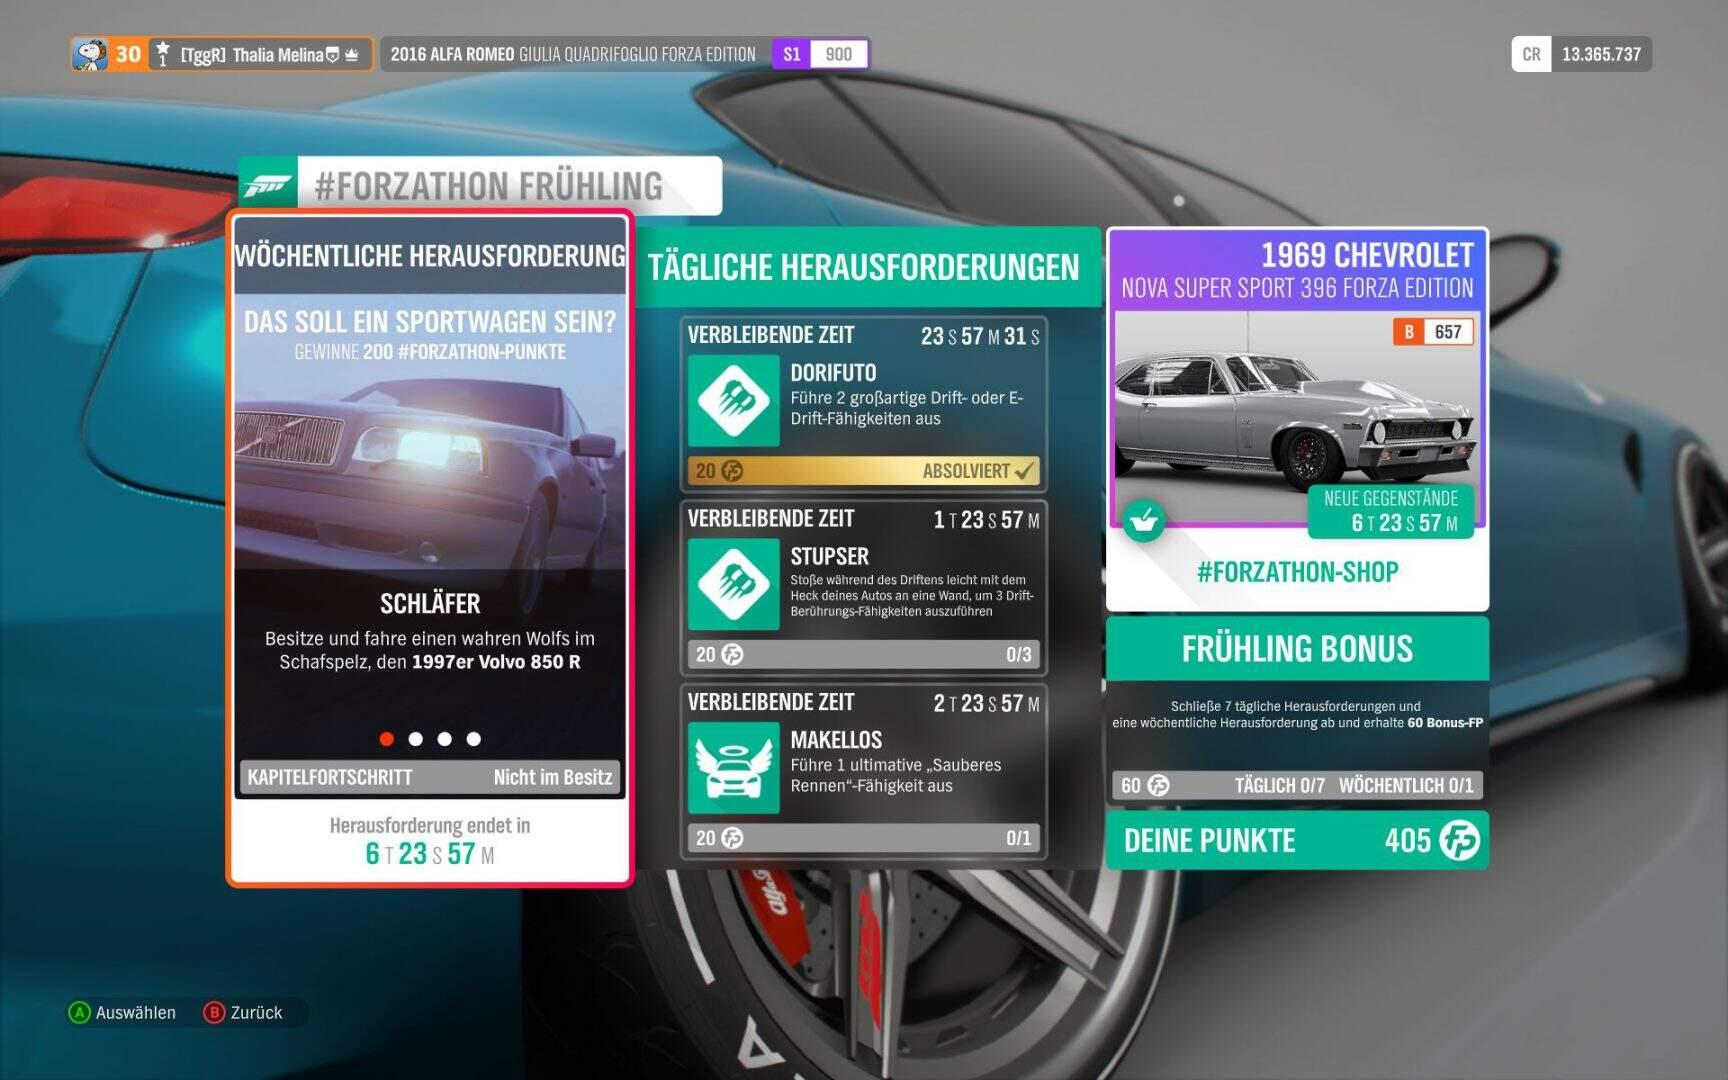 Forza Horizon 4 Forzathon KW 02 / 2019 Aufgabe 1